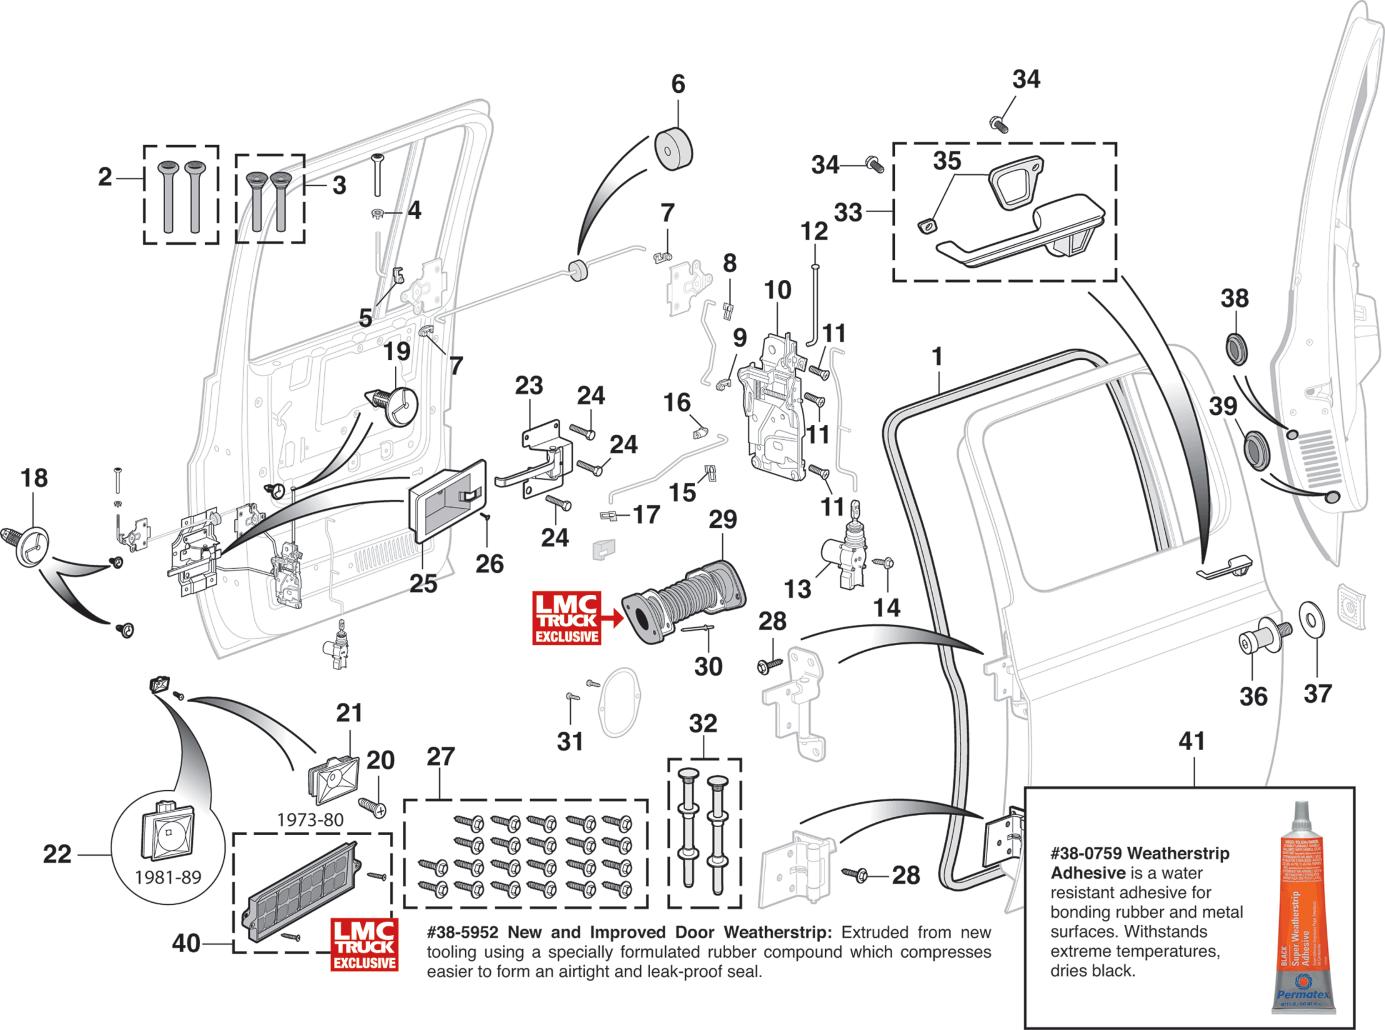 1973-91 Side Rear Door Components